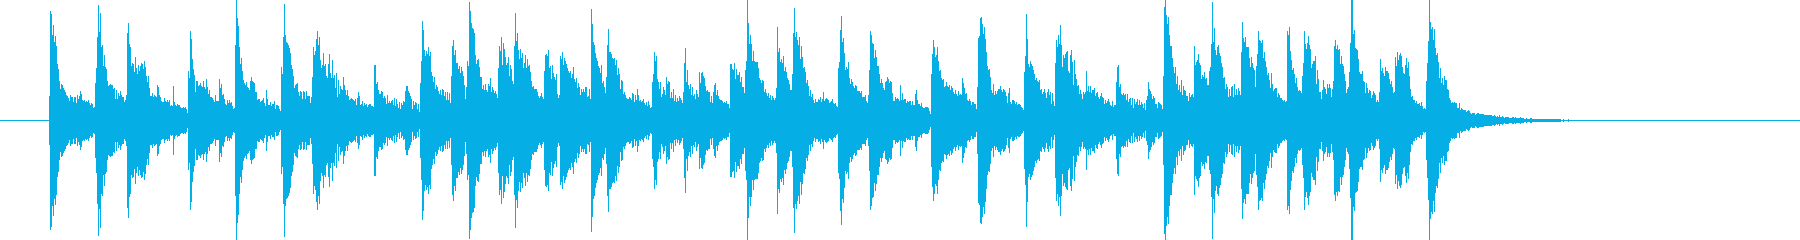 三味線を使ったコミカルなBGMの再生済みの波形